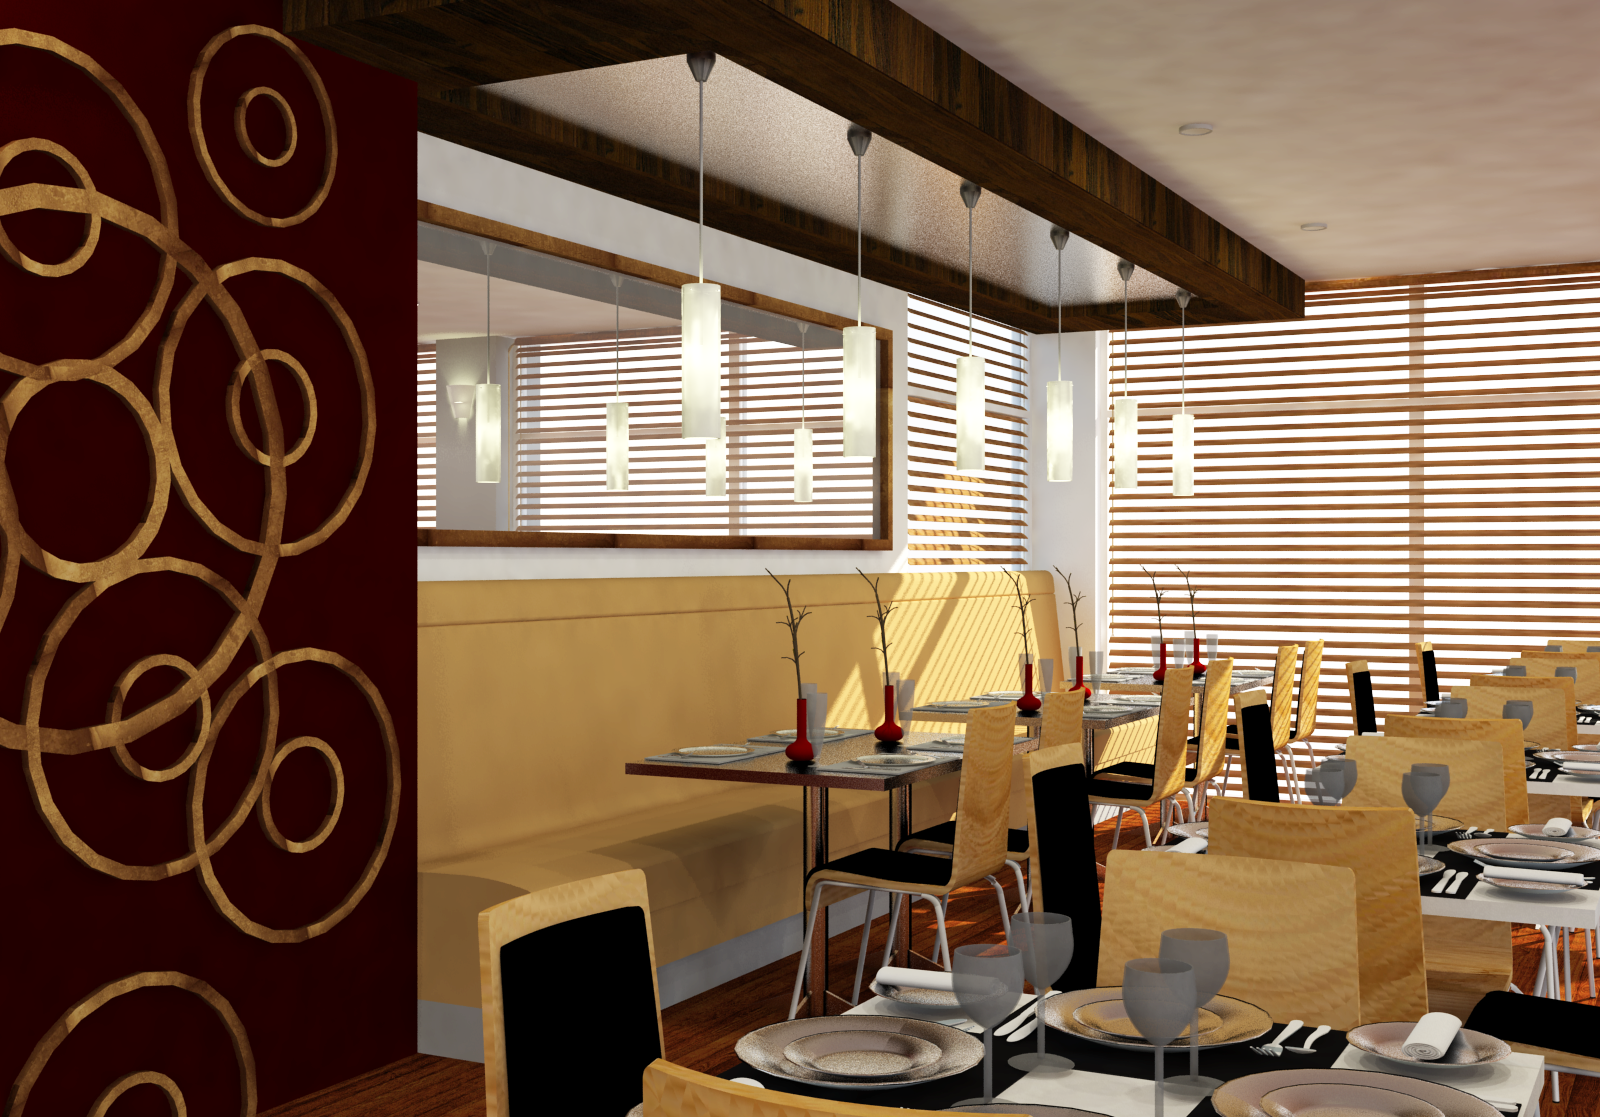 8.0 Holiday Inn Suva_06.png